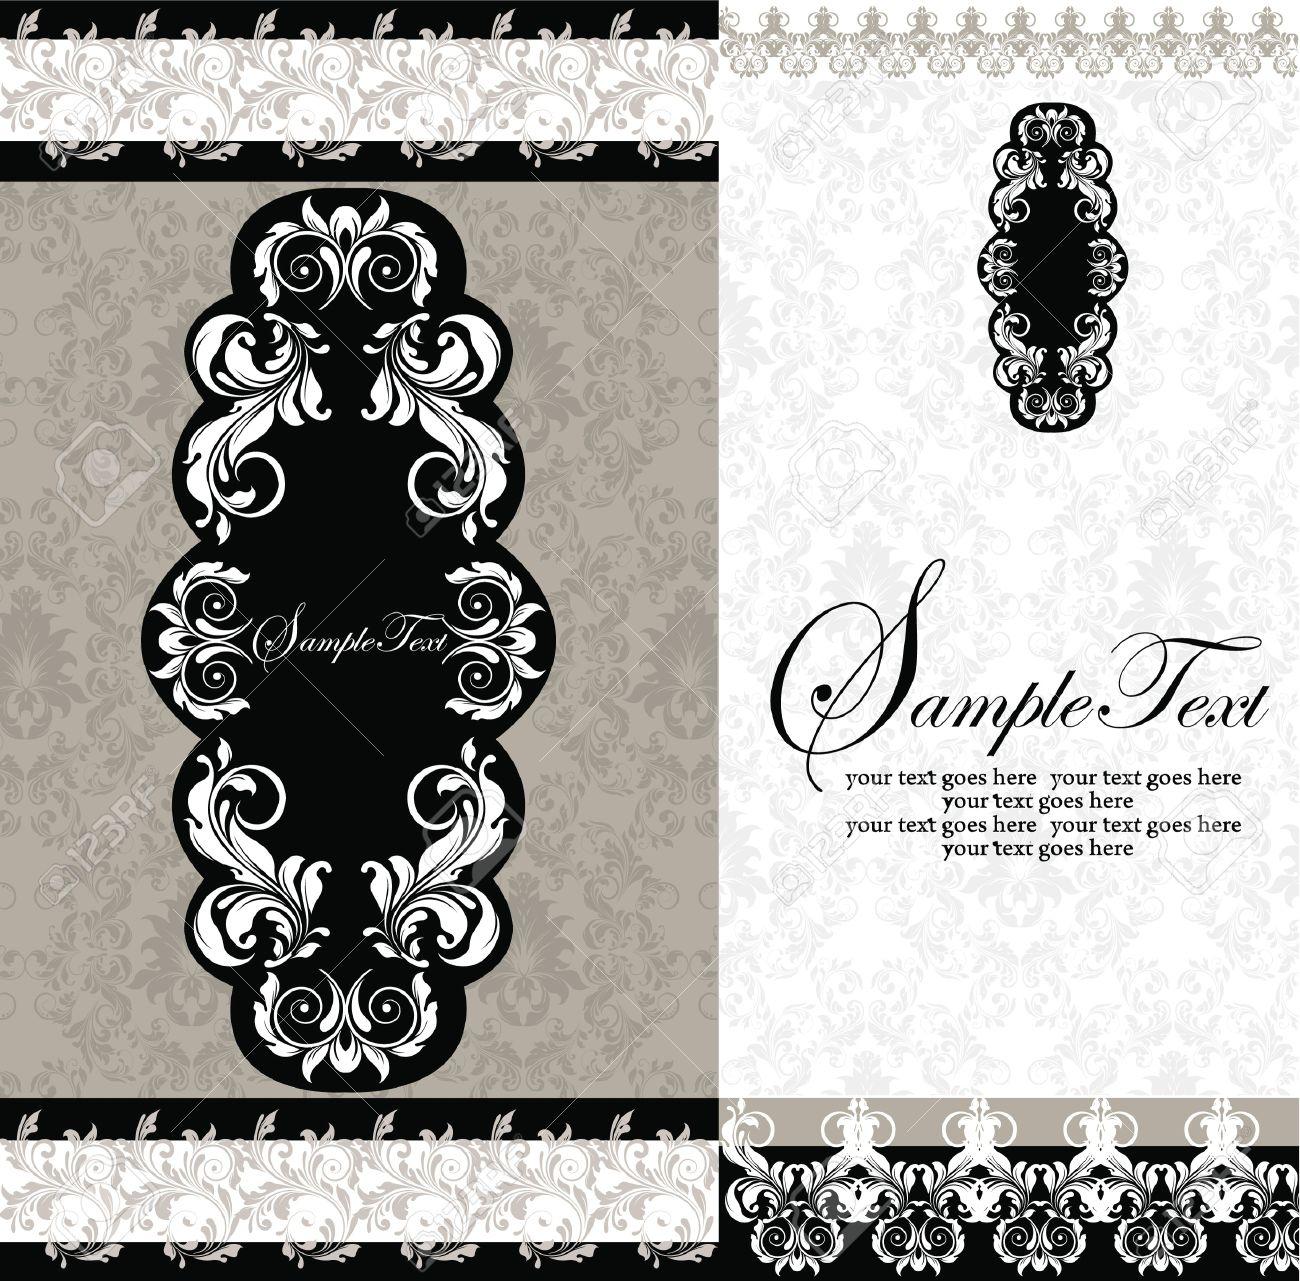 photo black and white damask wedding invitations damask wedding invitations Black and White Damask Wedding Invitations Stock Vector